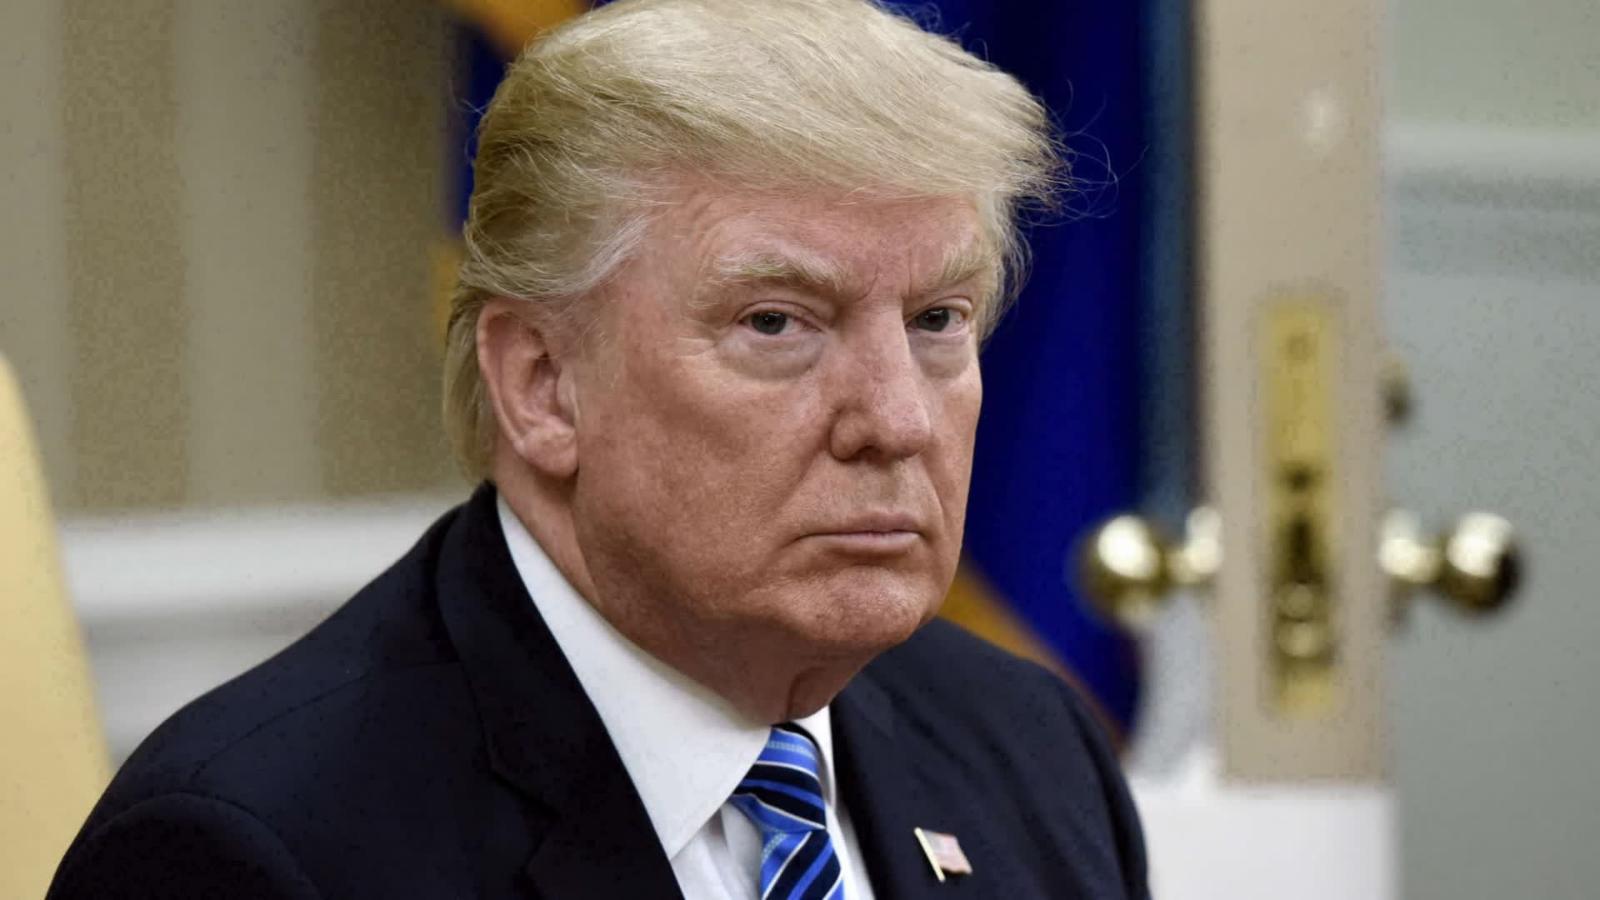 Alarmante, que Trump se resista a aceptar la derrota